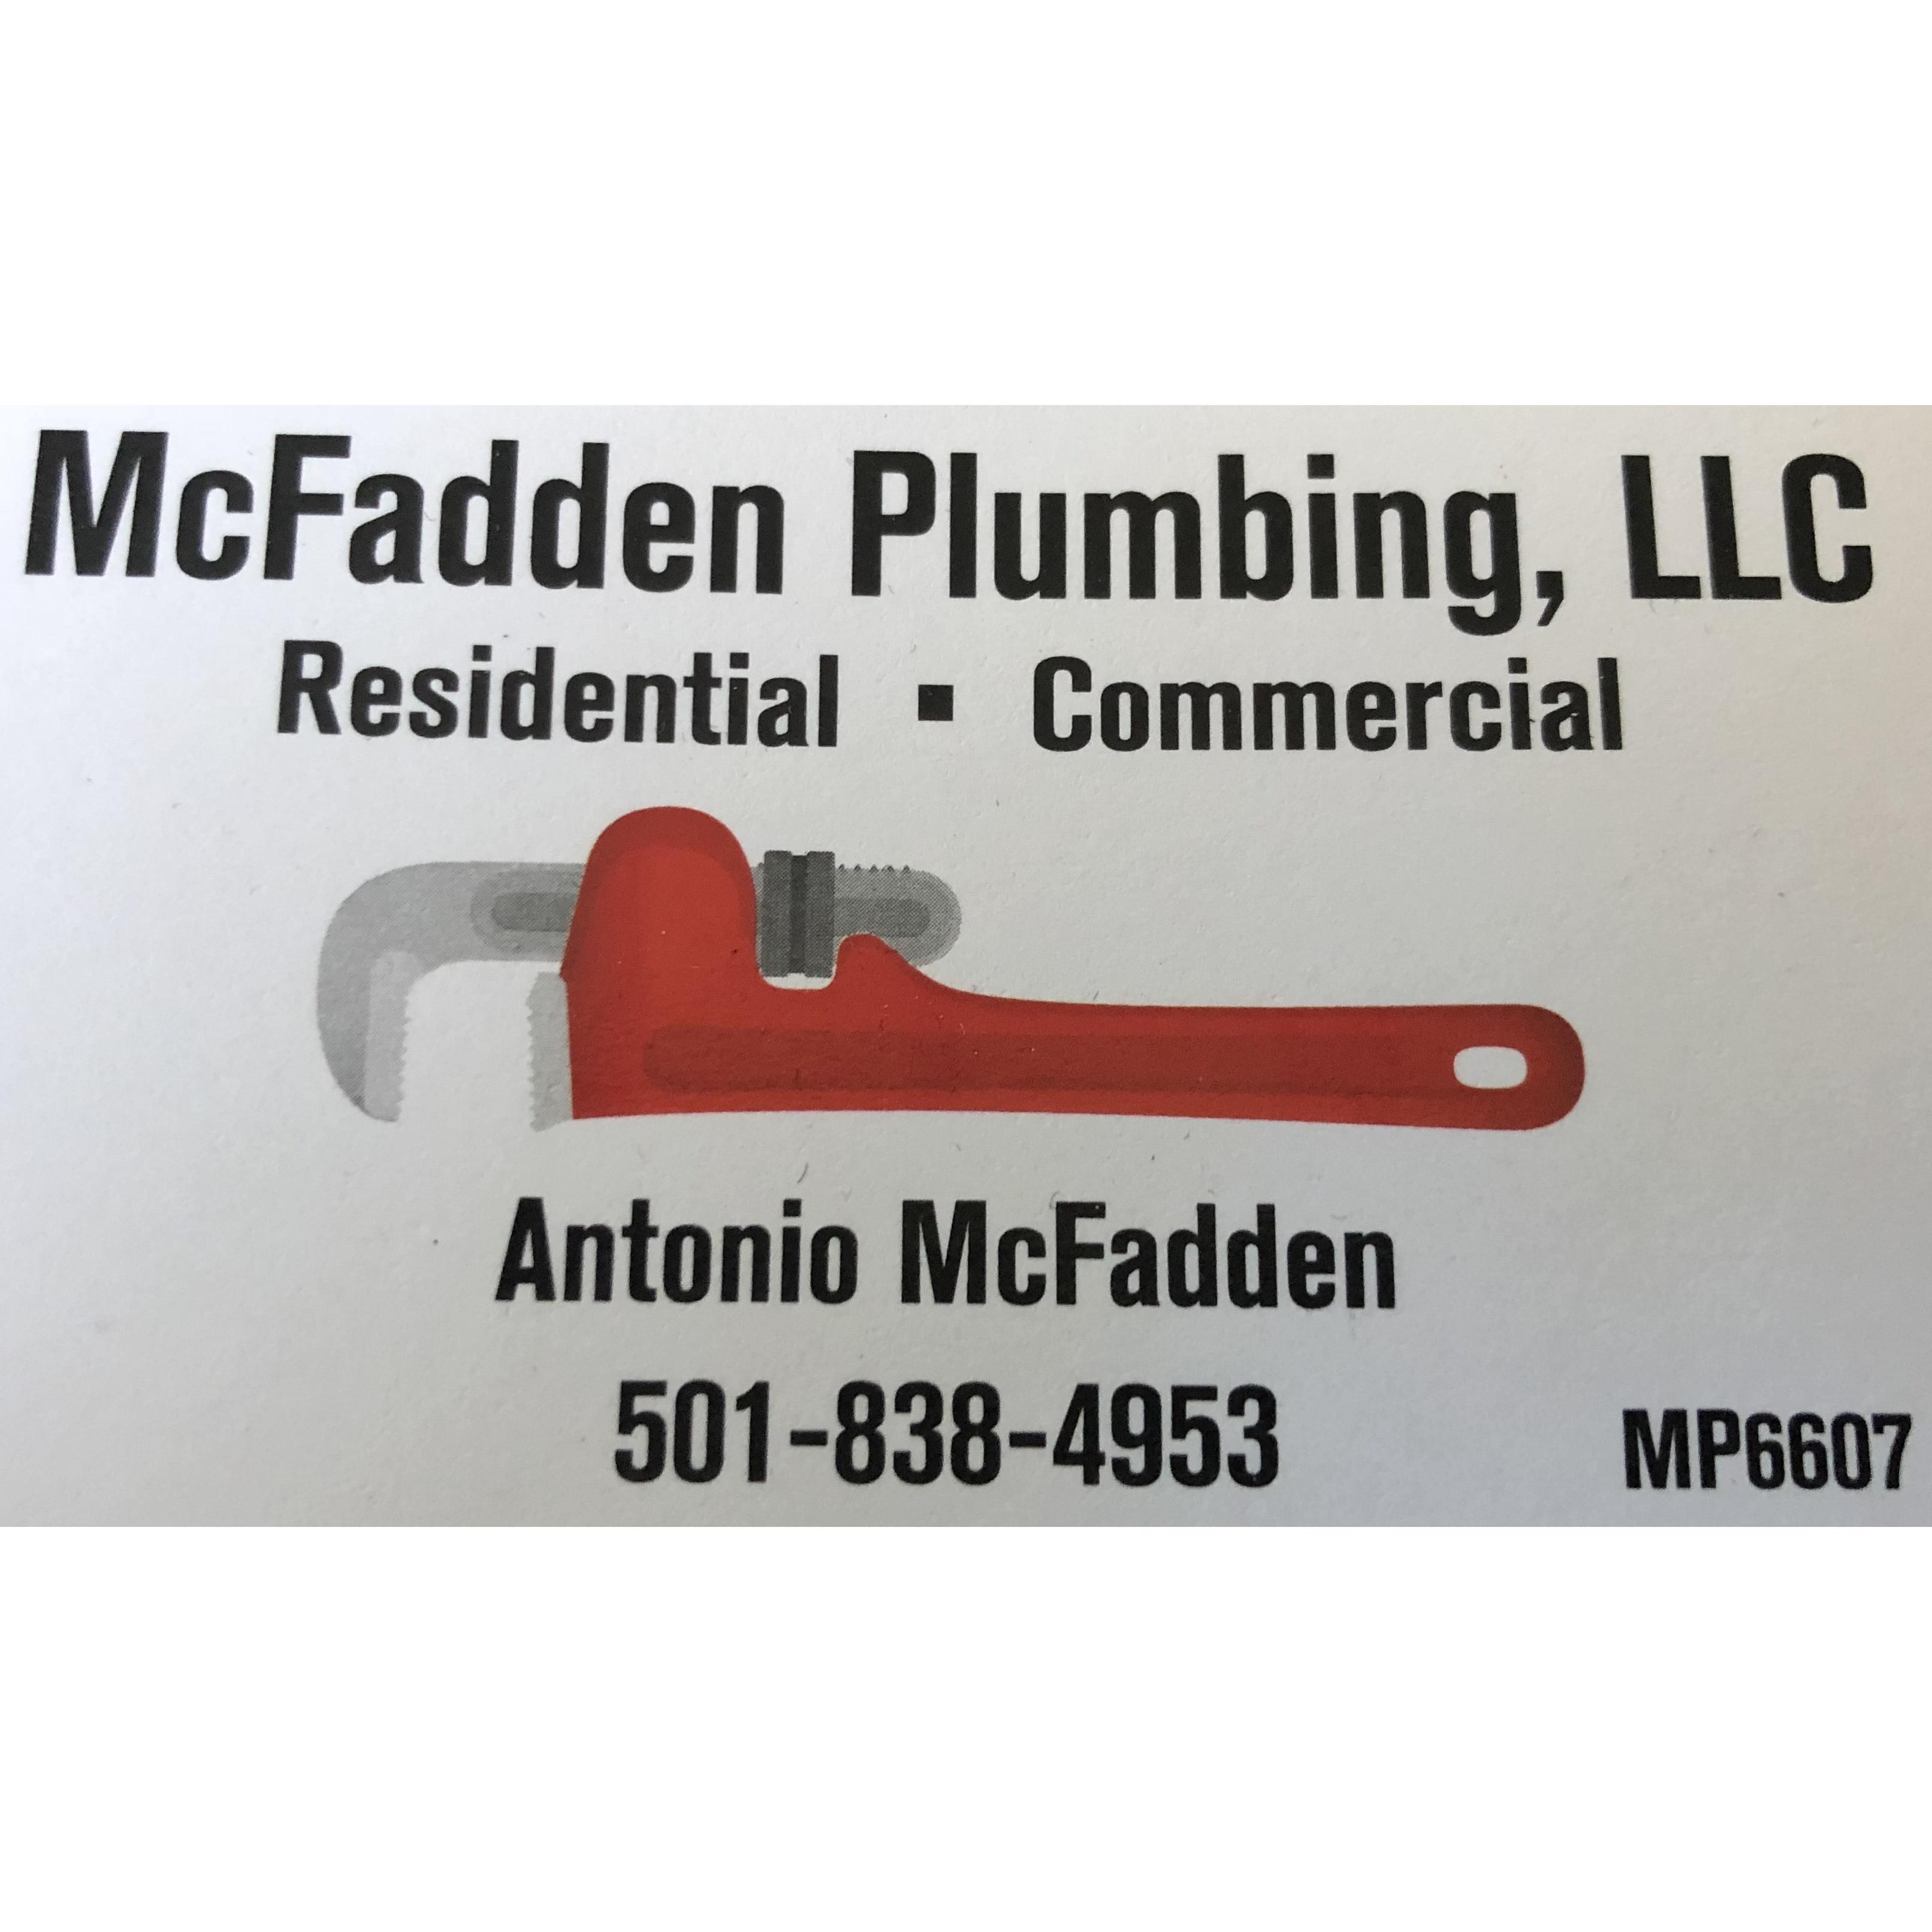 McFadden Plumbing